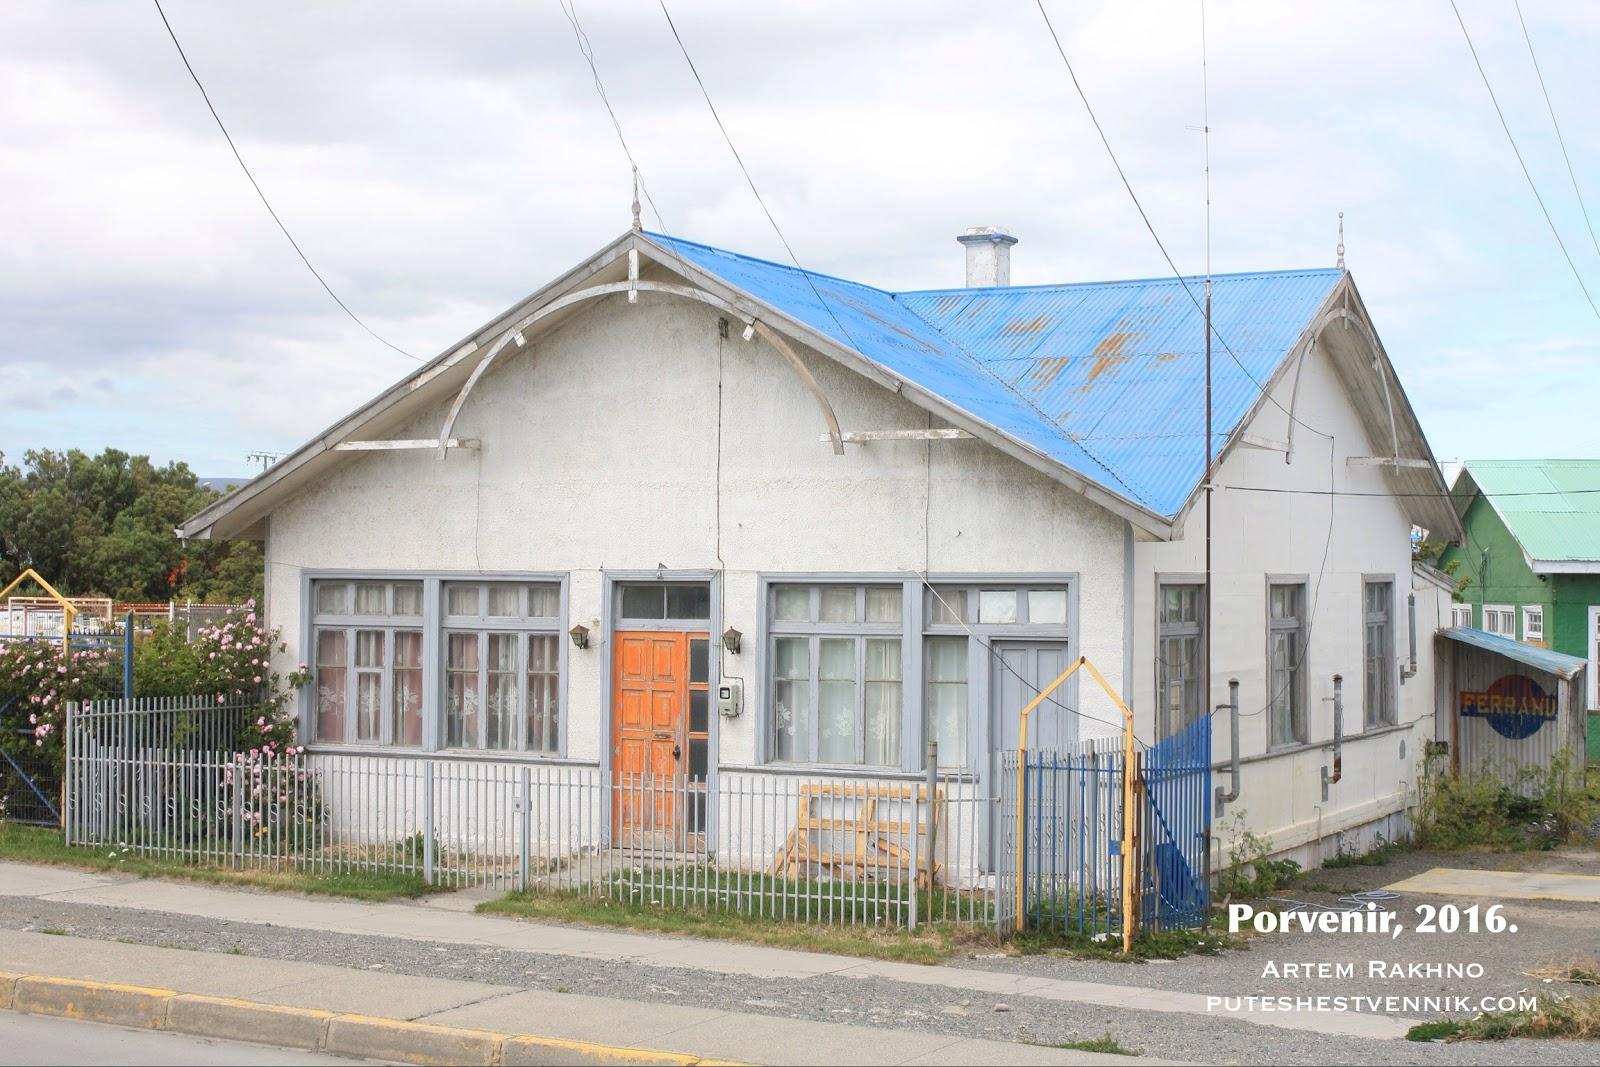 Дом с синей крышей в Порвенире